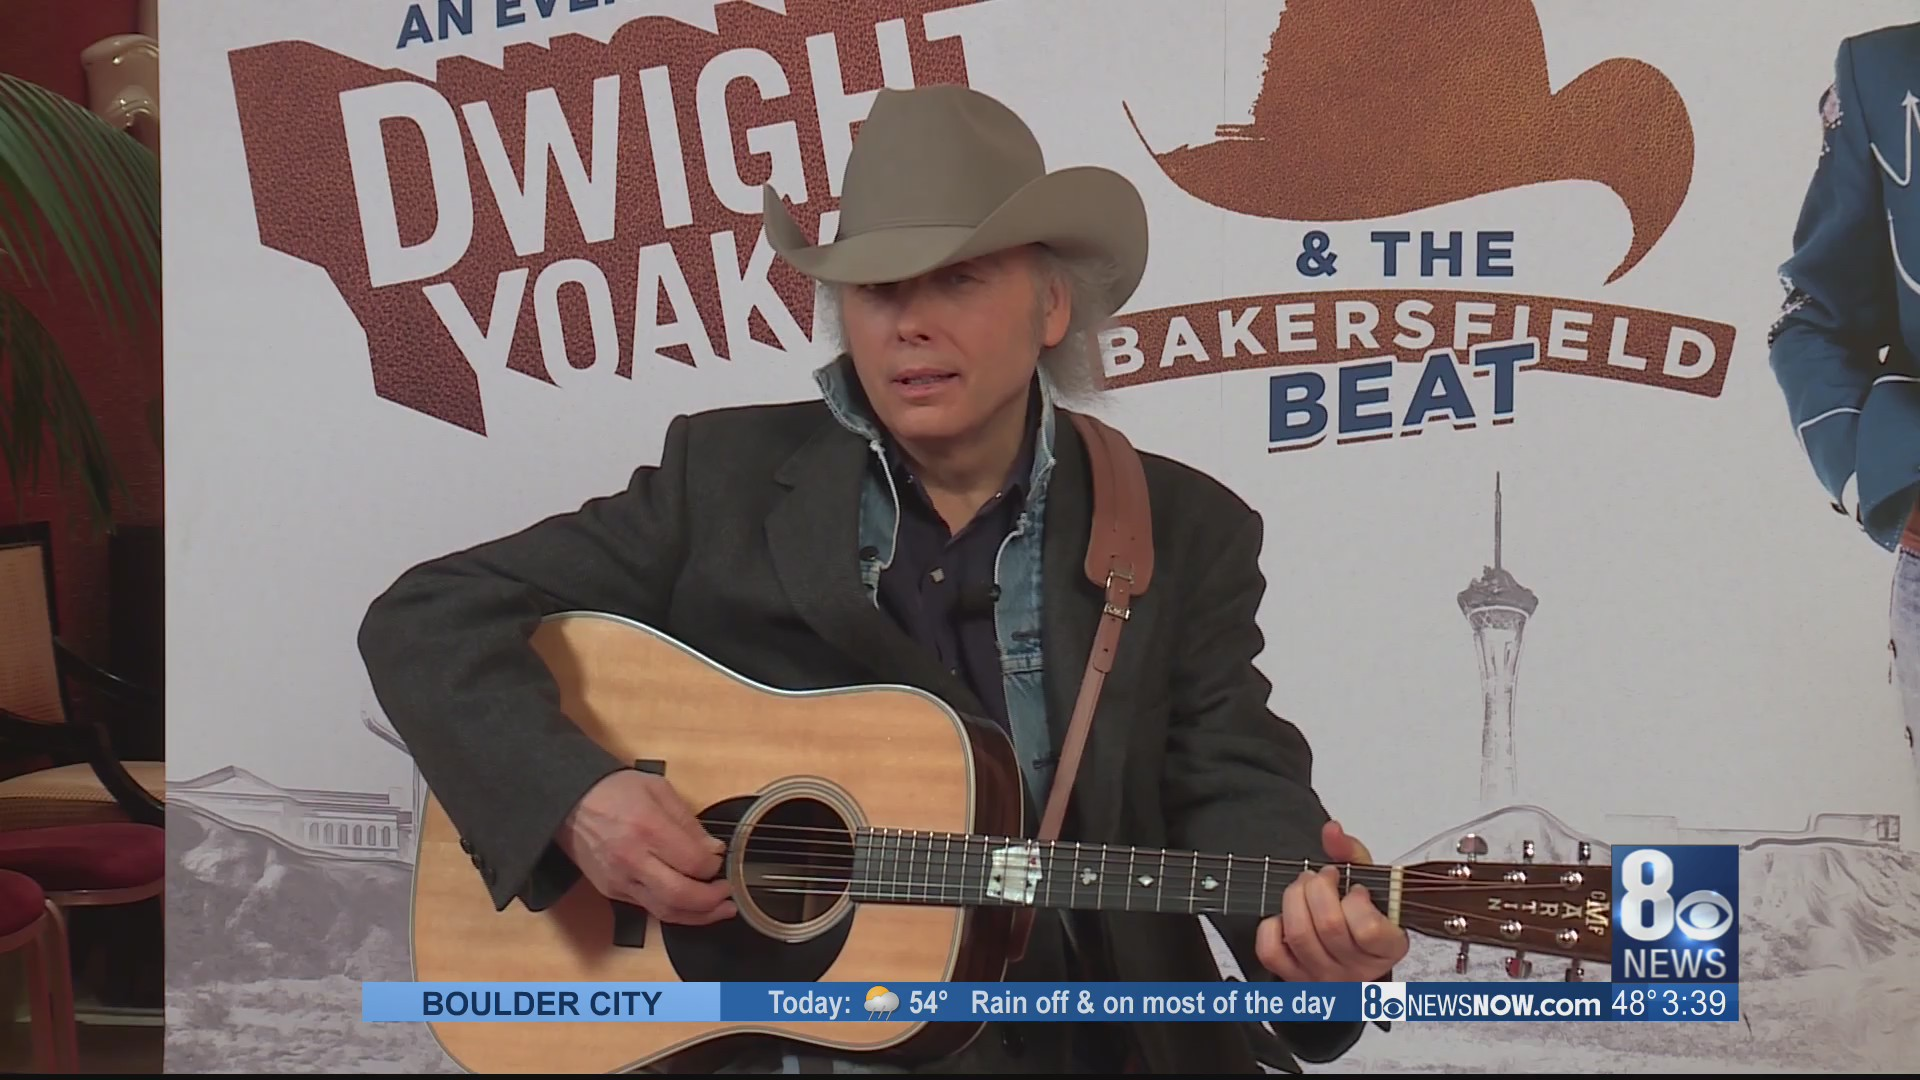 Dwight Yoakam Las Vegas residency